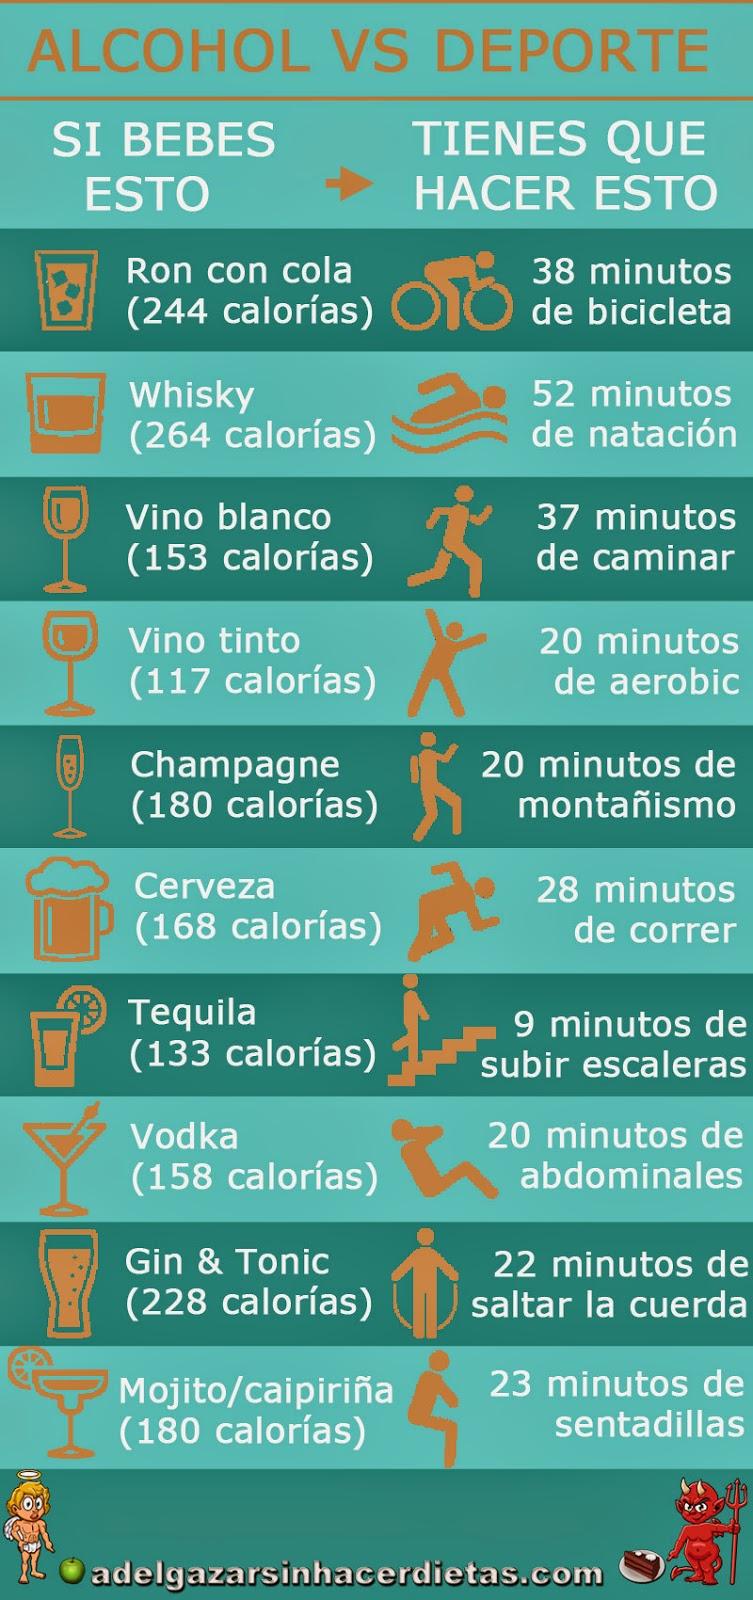 Cómo compensar las bebidas alcohólicas con ejercicioCómo compensar las bebidas alcohólicas con deporte. Cómo equilibrar las calorías del ron con cola, whisky, vino blanco, vino tinto, champagne, cerveza, tequila, vodka, gin & tonic, mojito y caipiriña con diferentes deportes y los minutos que tienes que realizar para que no se acumulen en tu barriga o trasero como bicicleta, natación, caminar, aerobic, montañismo, correr, subir escaleras, abdominales, saltar a la cuerda o sentadillas.